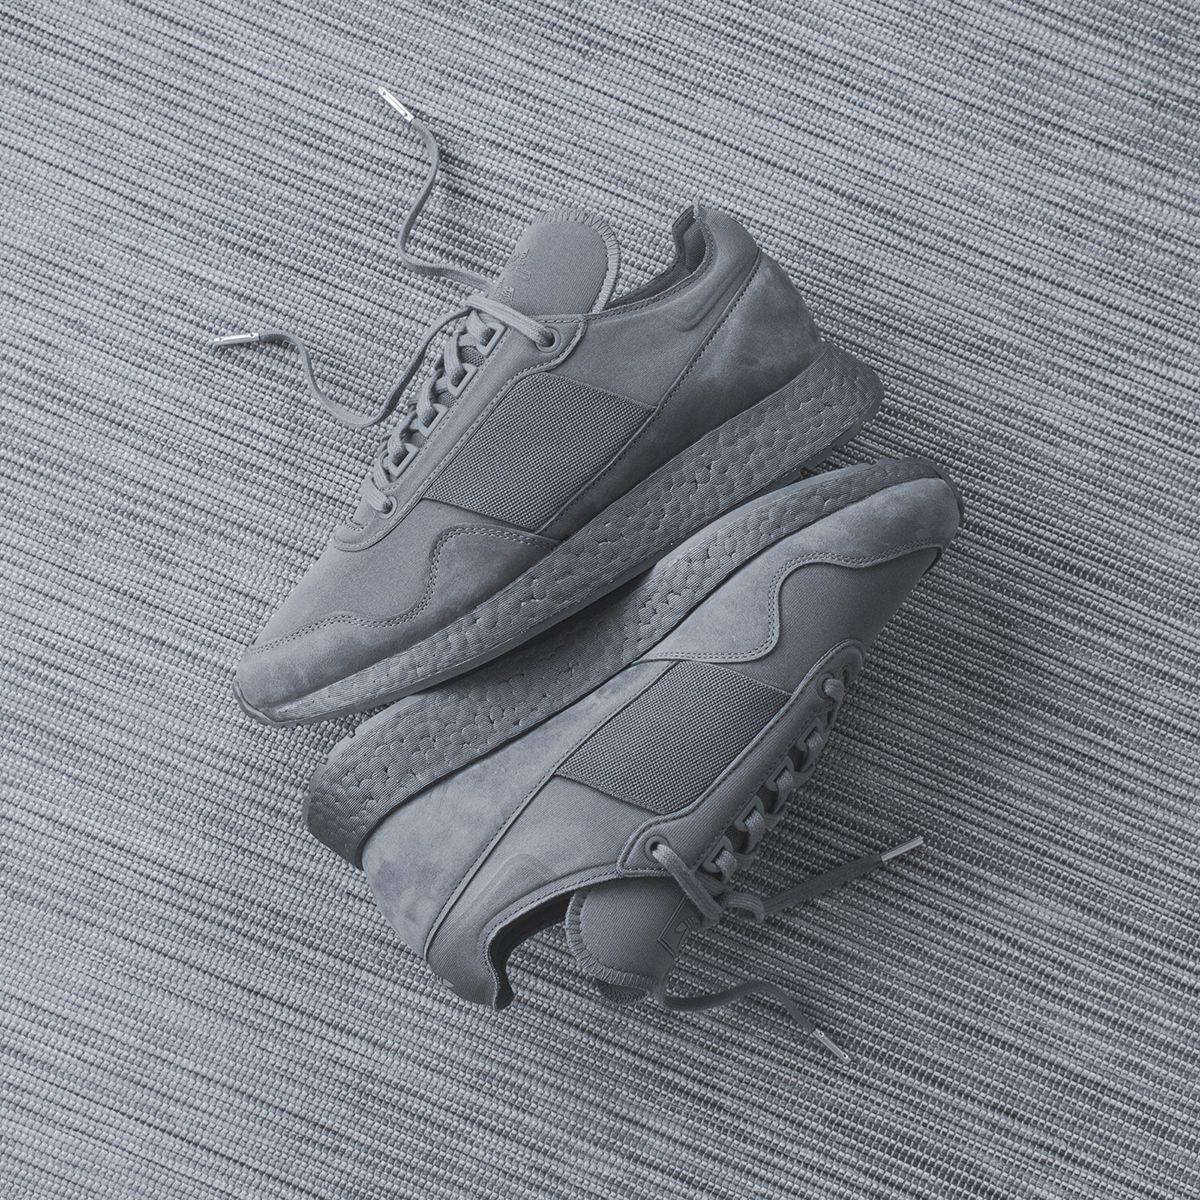 fea52e4673cc11 Daniel Arsham x adidas Originals New York Present